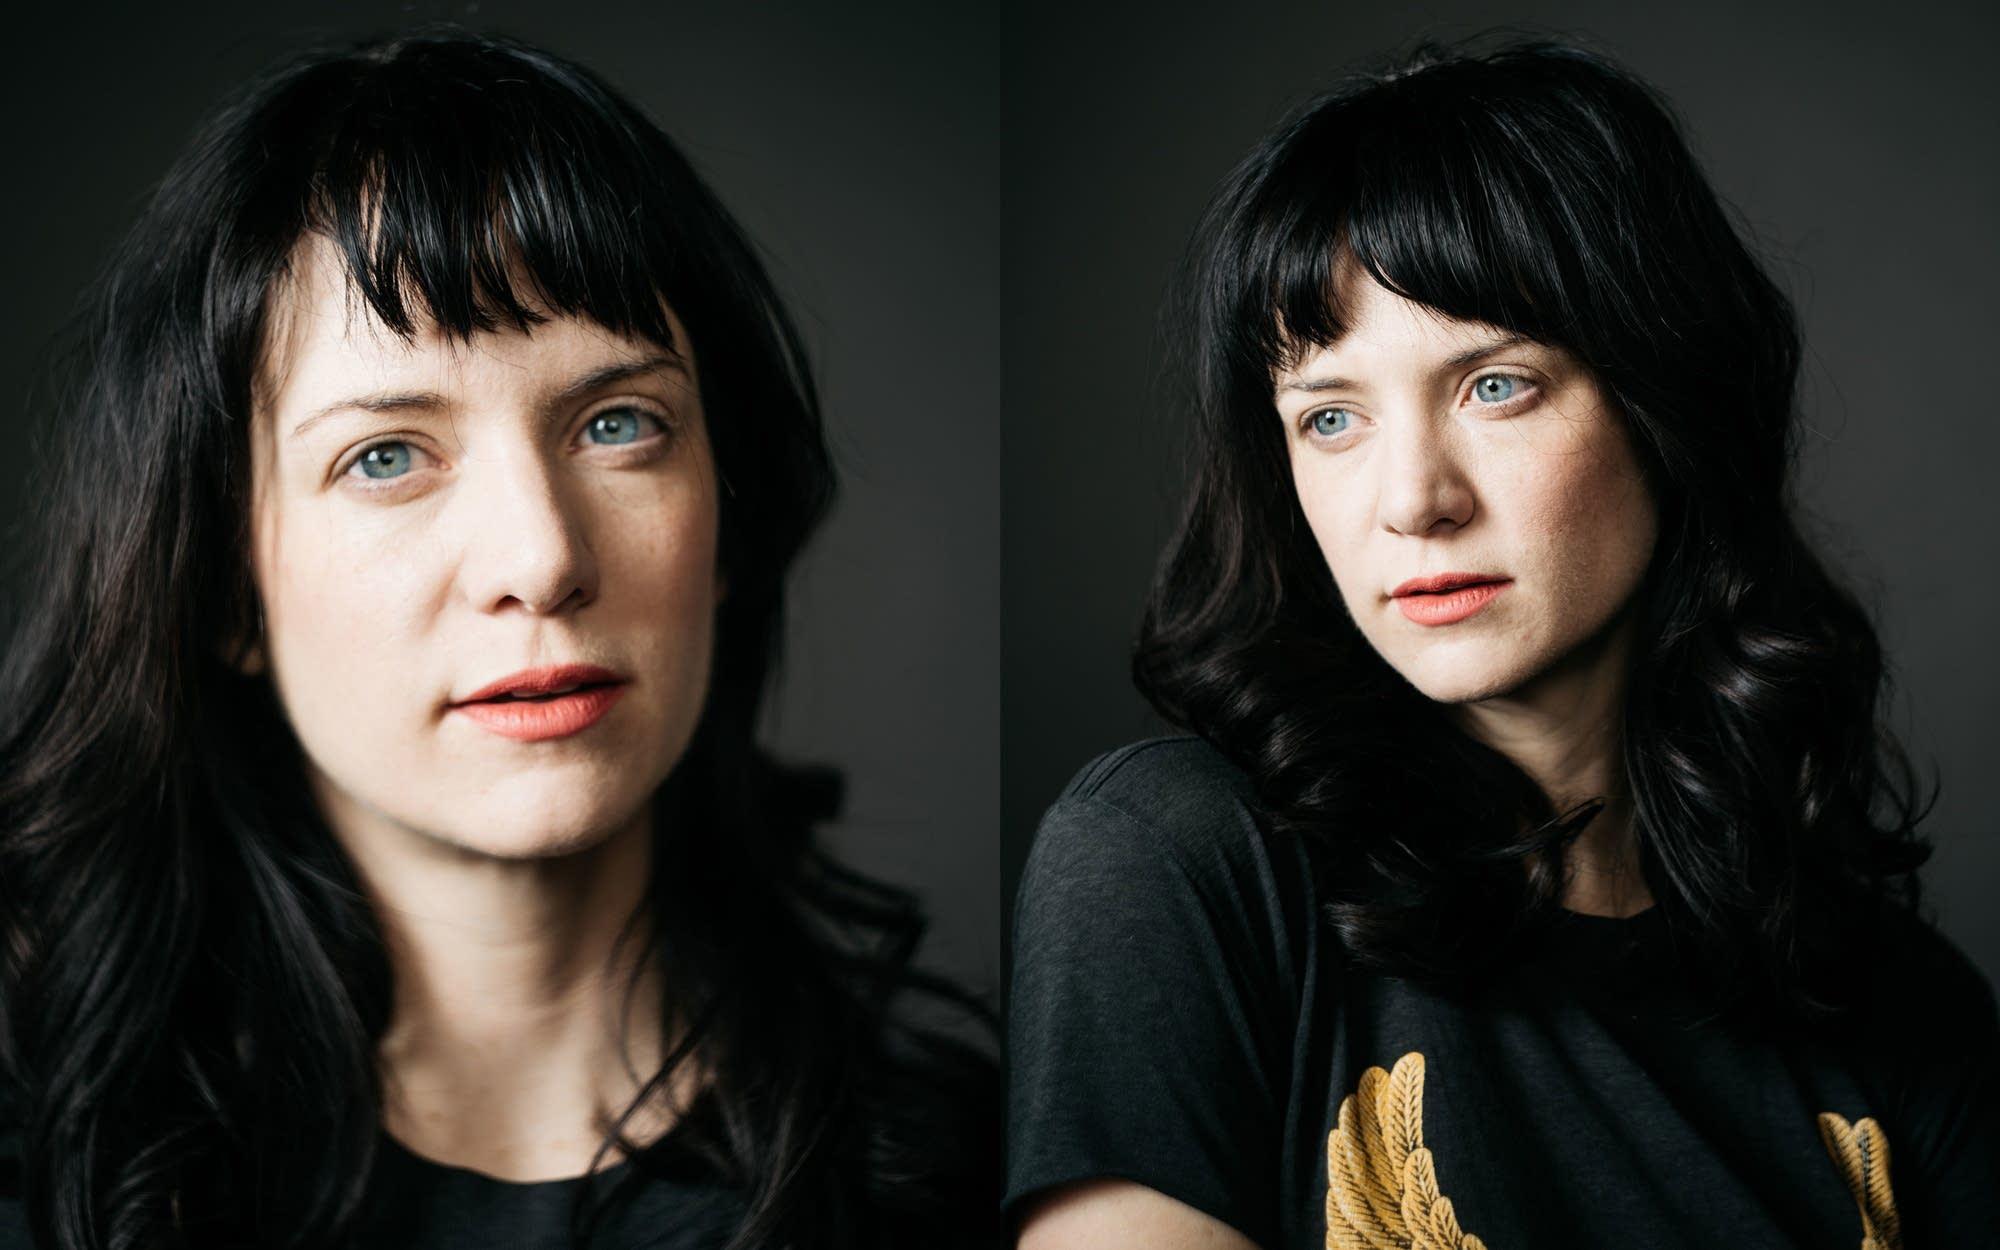 Nikki Lane portraits